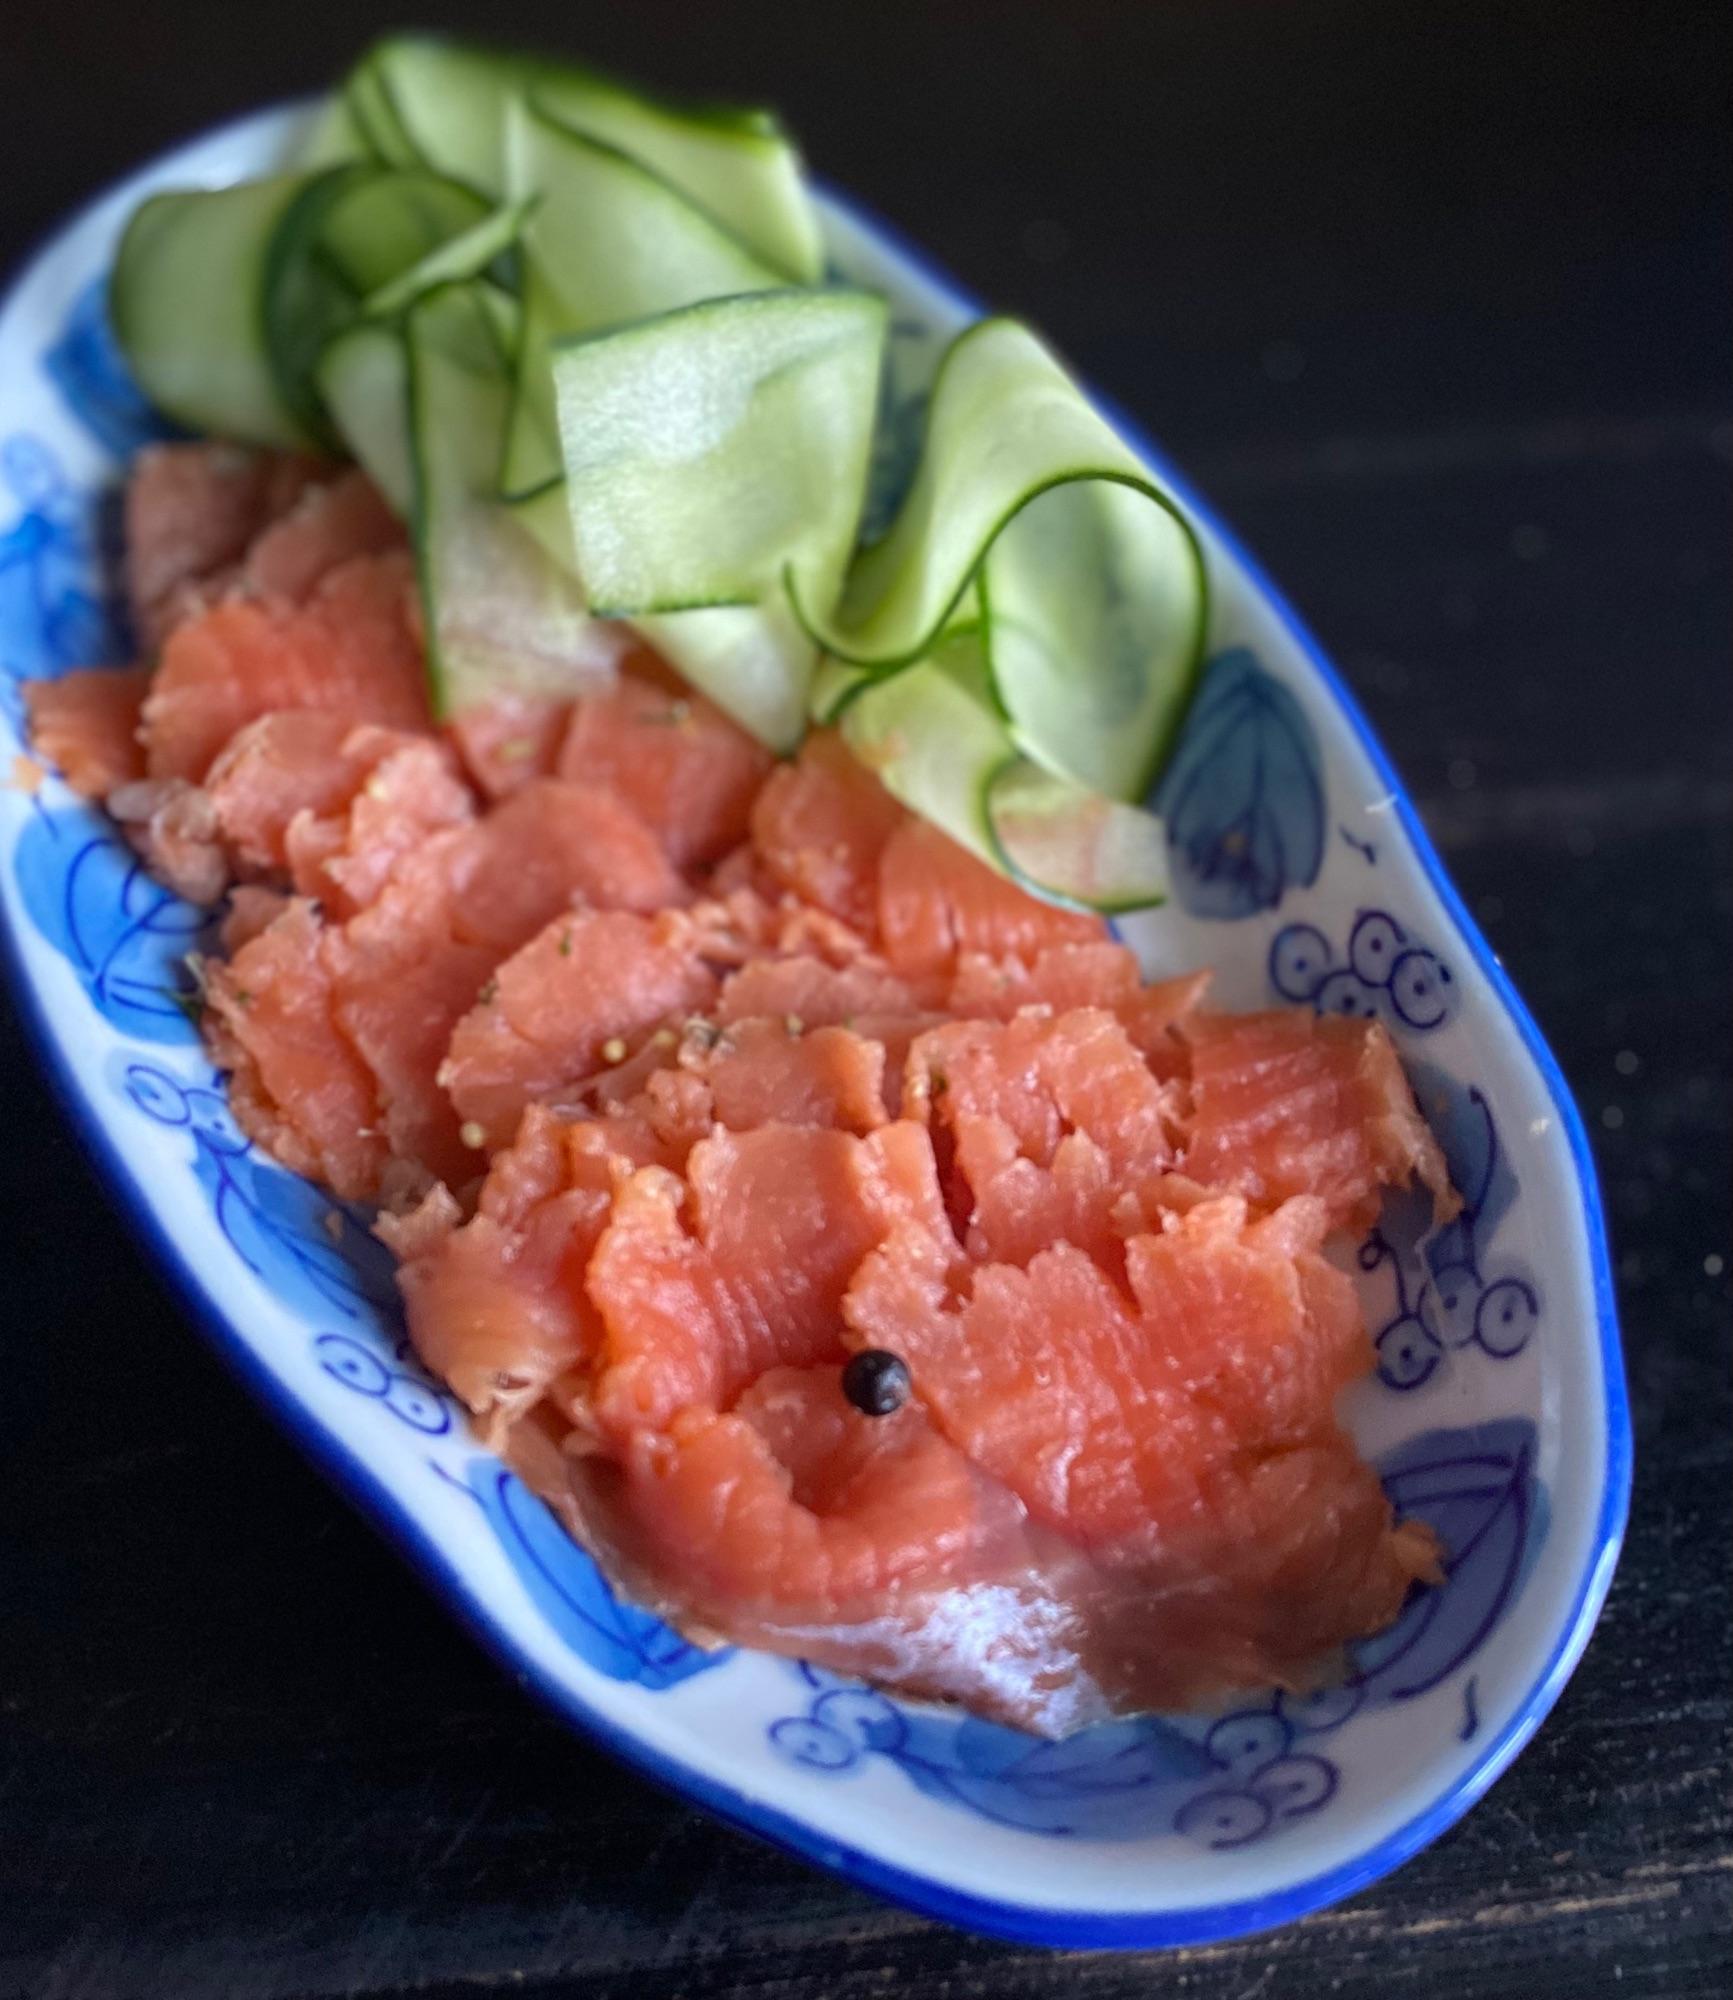 Осередной рецепт соленой рыбы, делаю второй раз подряд. Особенно подходит, мне кпдется для нежирной рыбы, у меня - дикая кета.